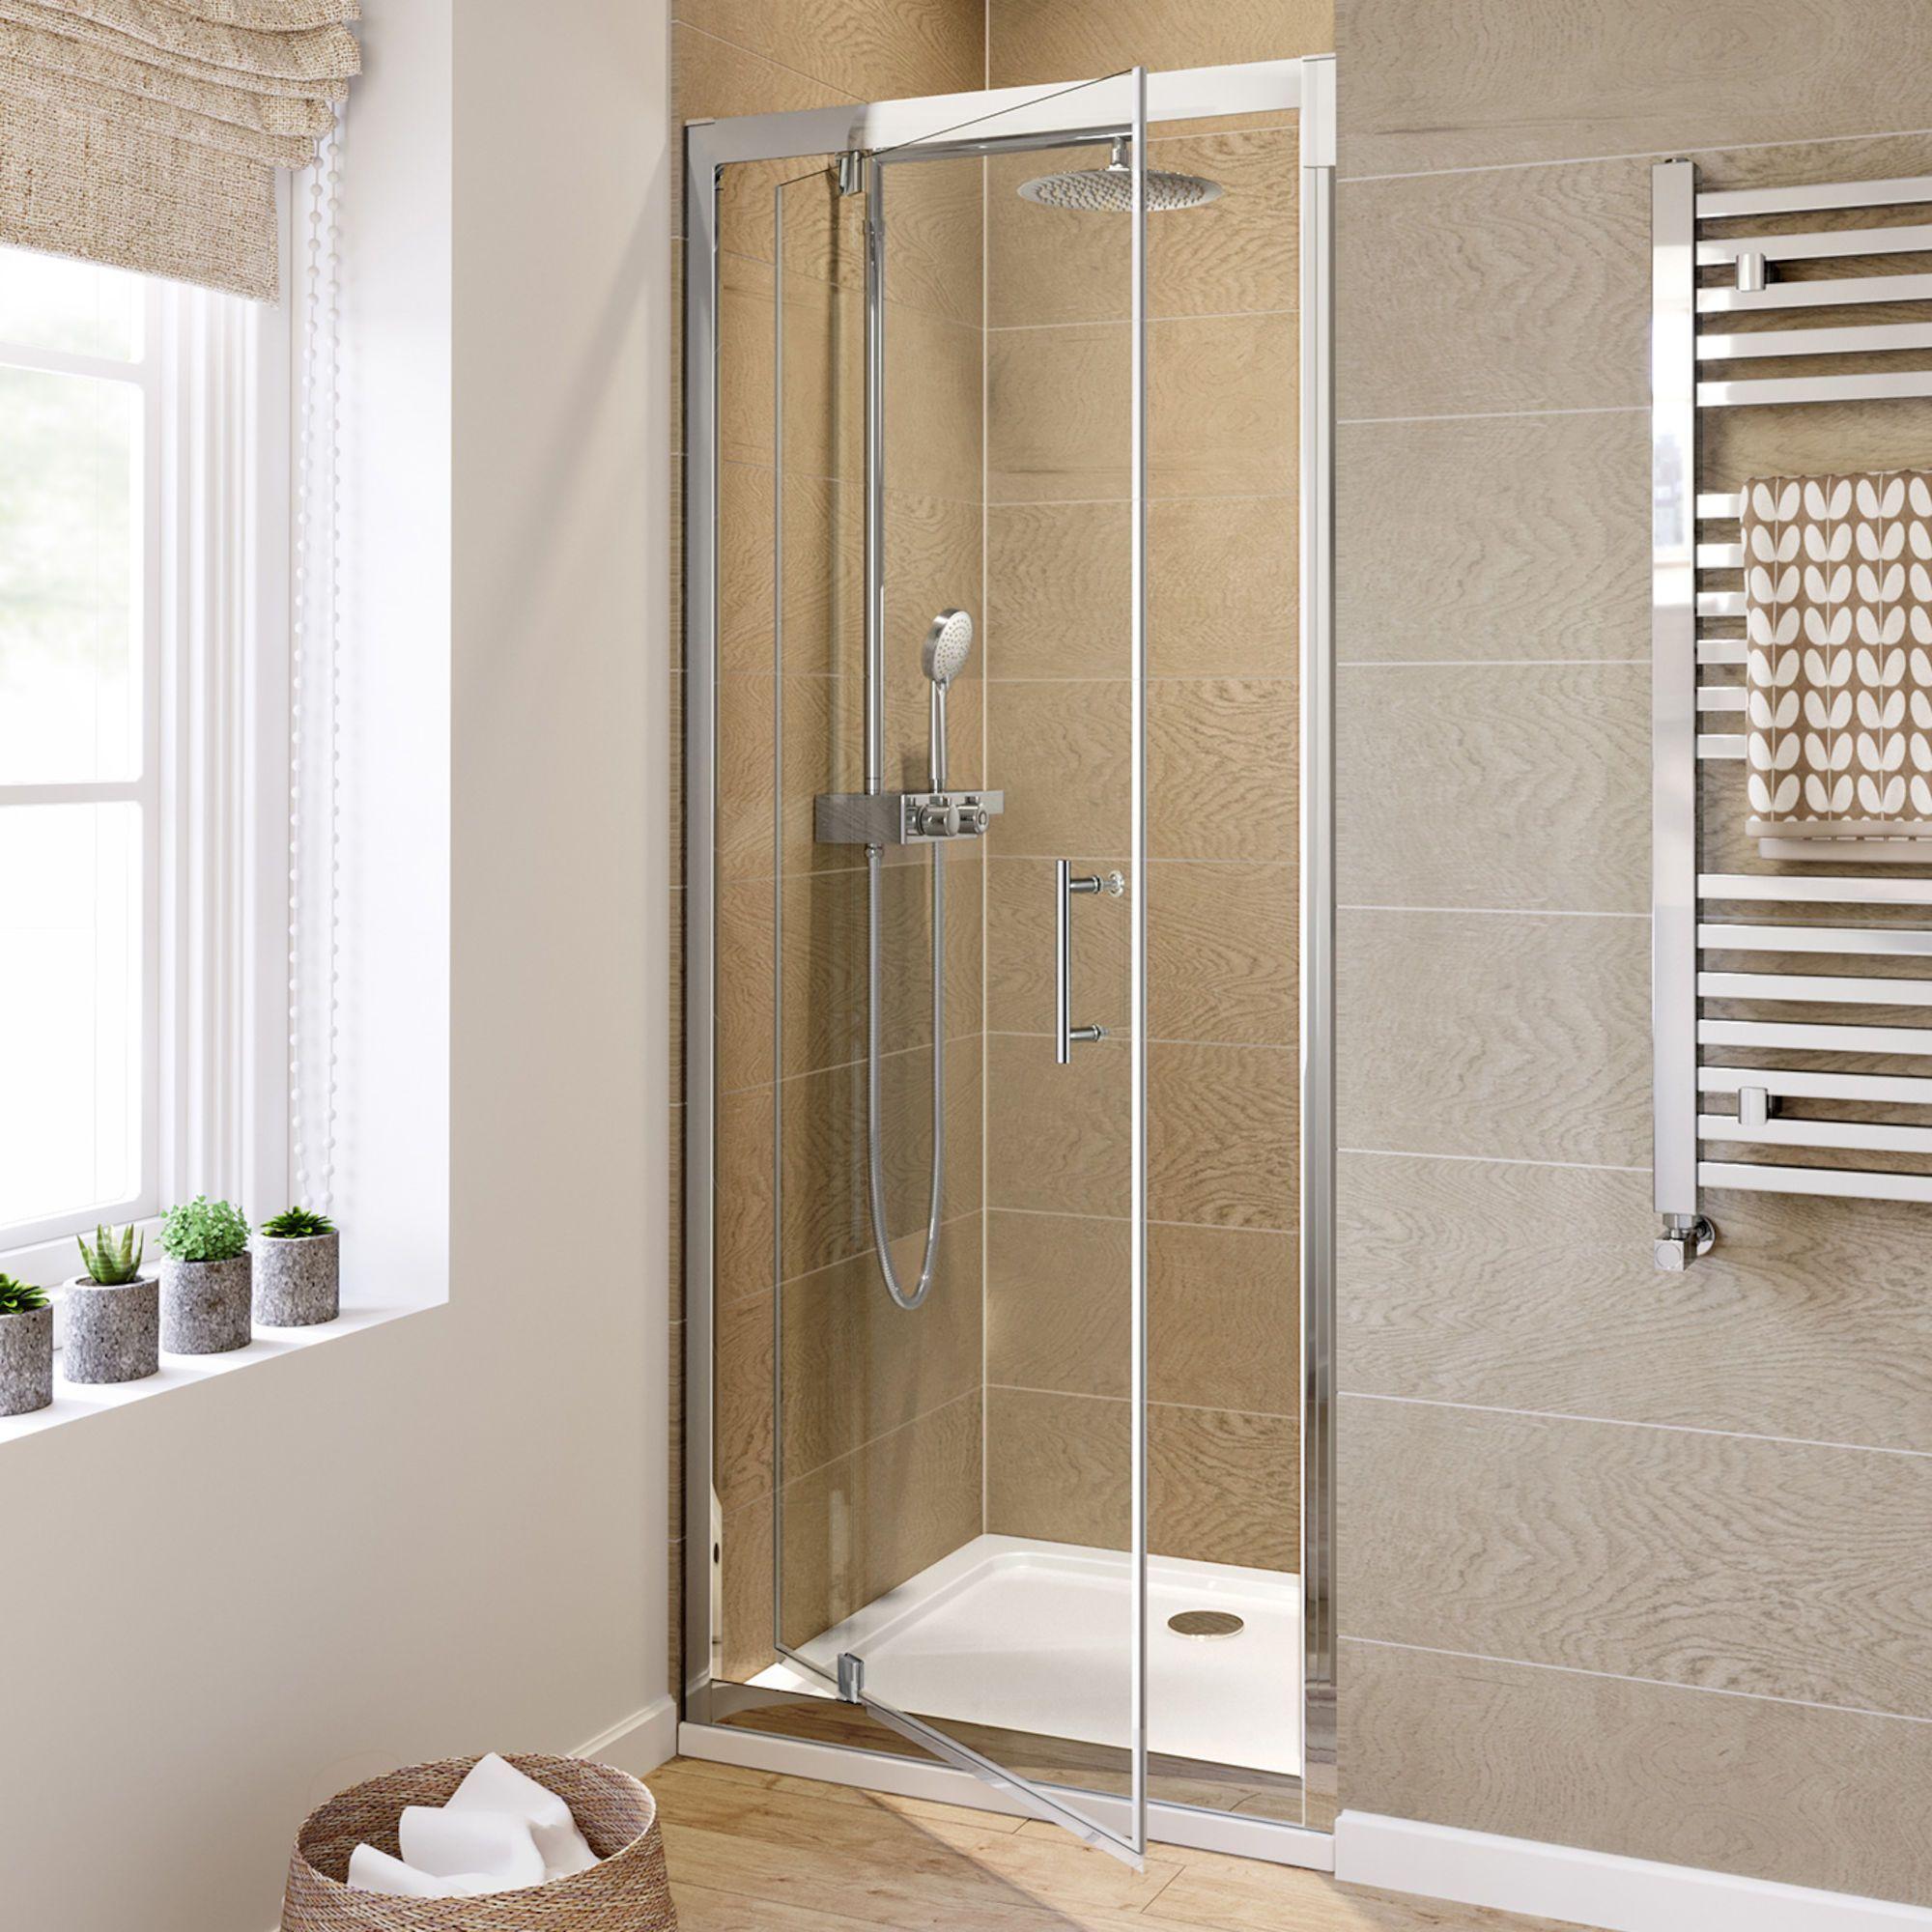 760mm Shower Door 6mm Thick Glass Pivot Shower Door Soak Com Luxuryshoweraccessories Shower Doors Luxury Shower Shower Enclosure